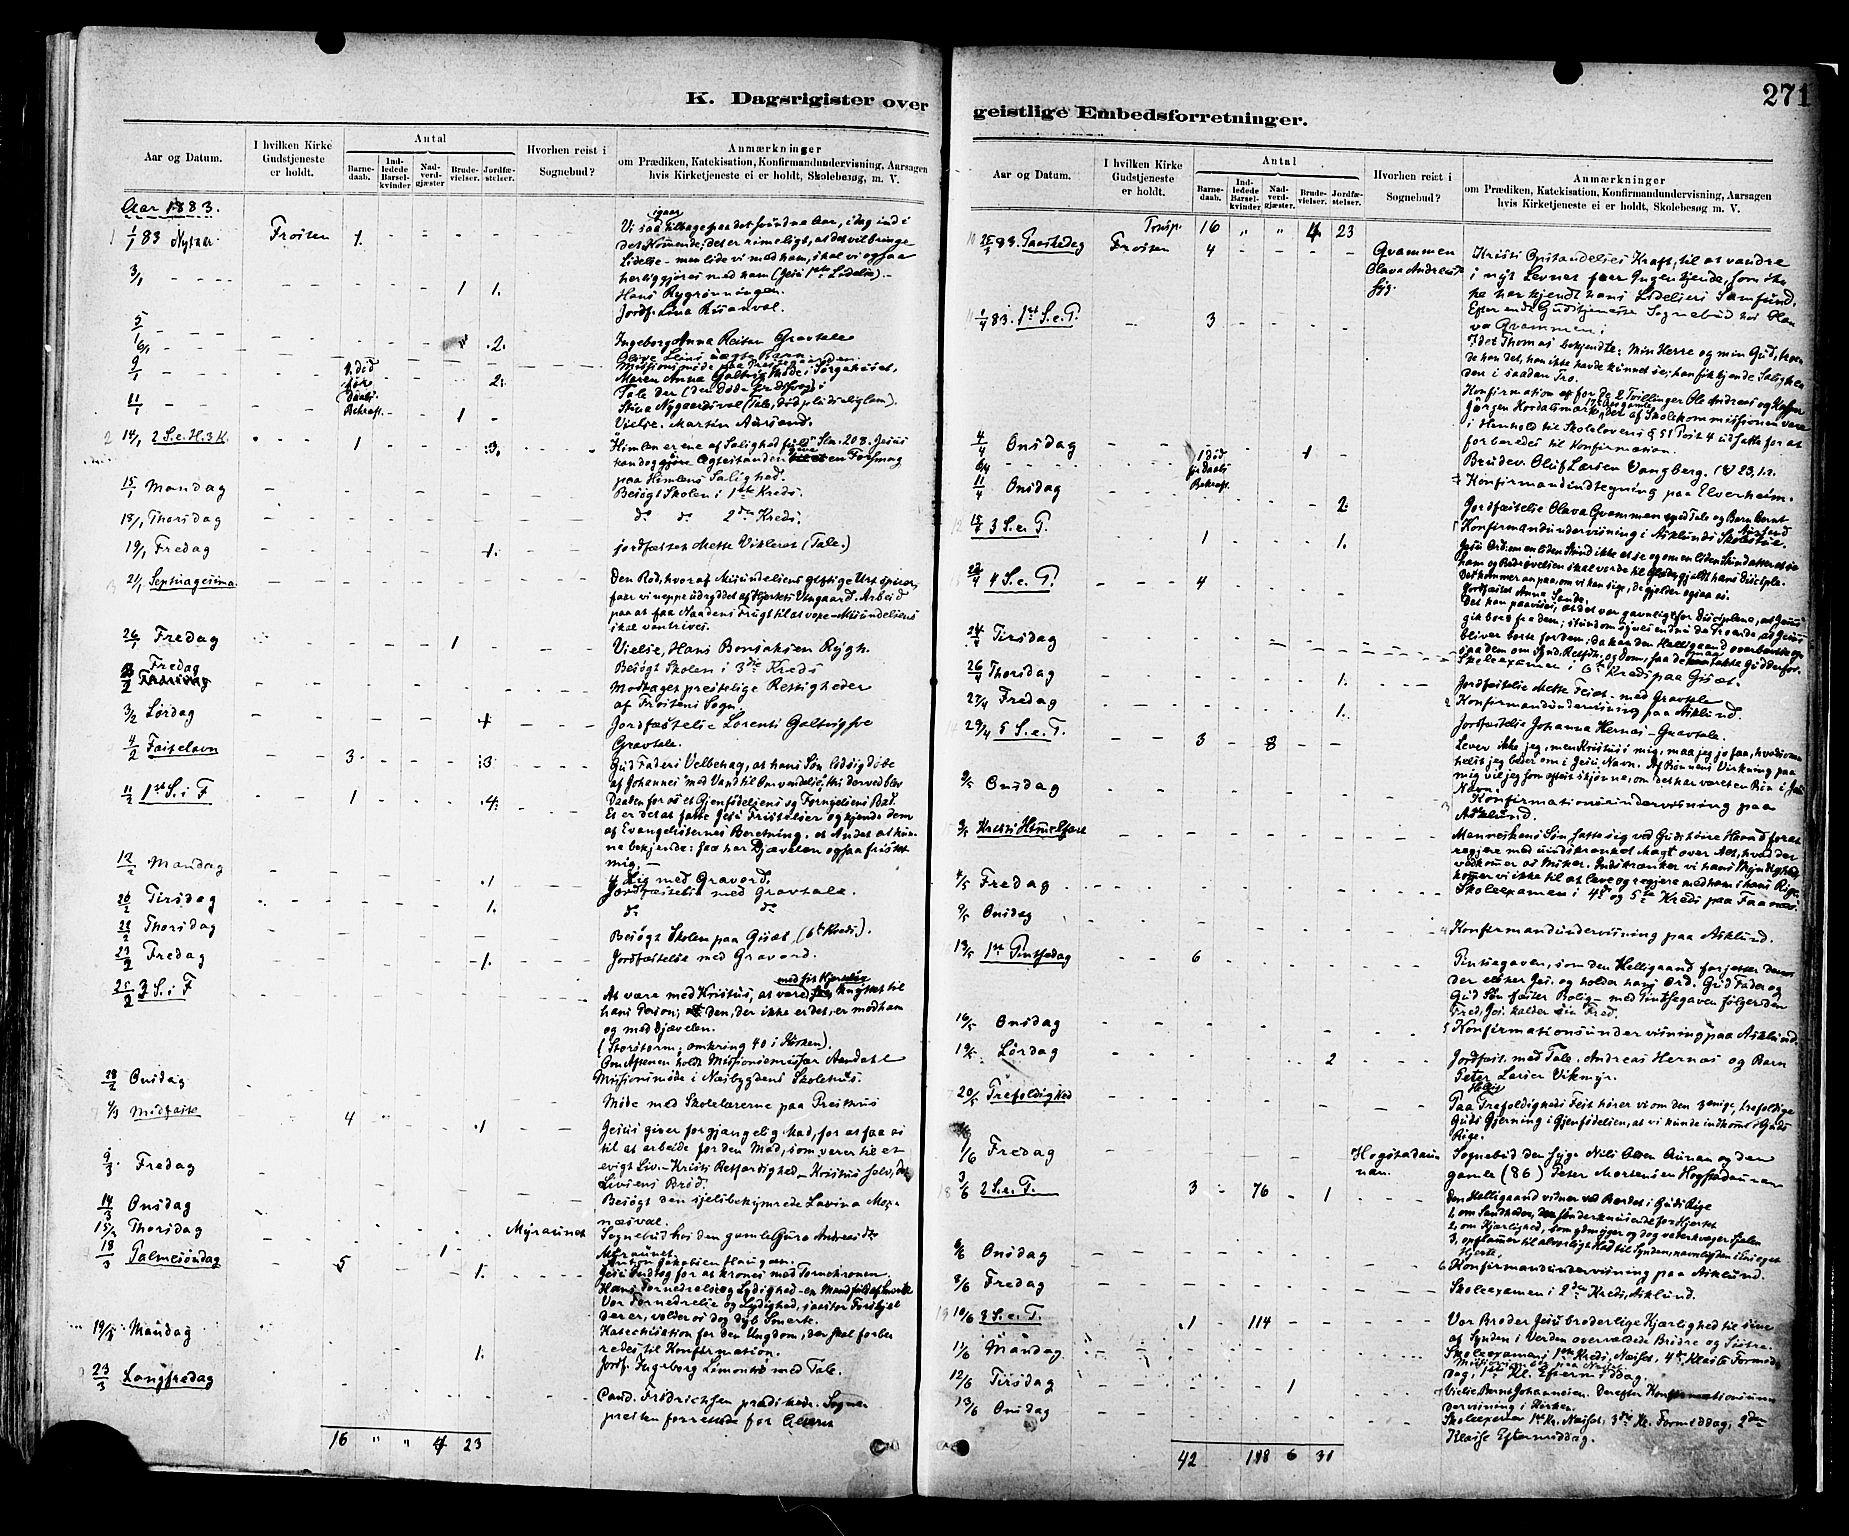 SAT, Ministerialprotokoller, klokkerbøker og fødselsregistre - Nord-Trøndelag, 713/L0120: Ministerialbok nr. 713A09, 1878-1887, s. 271